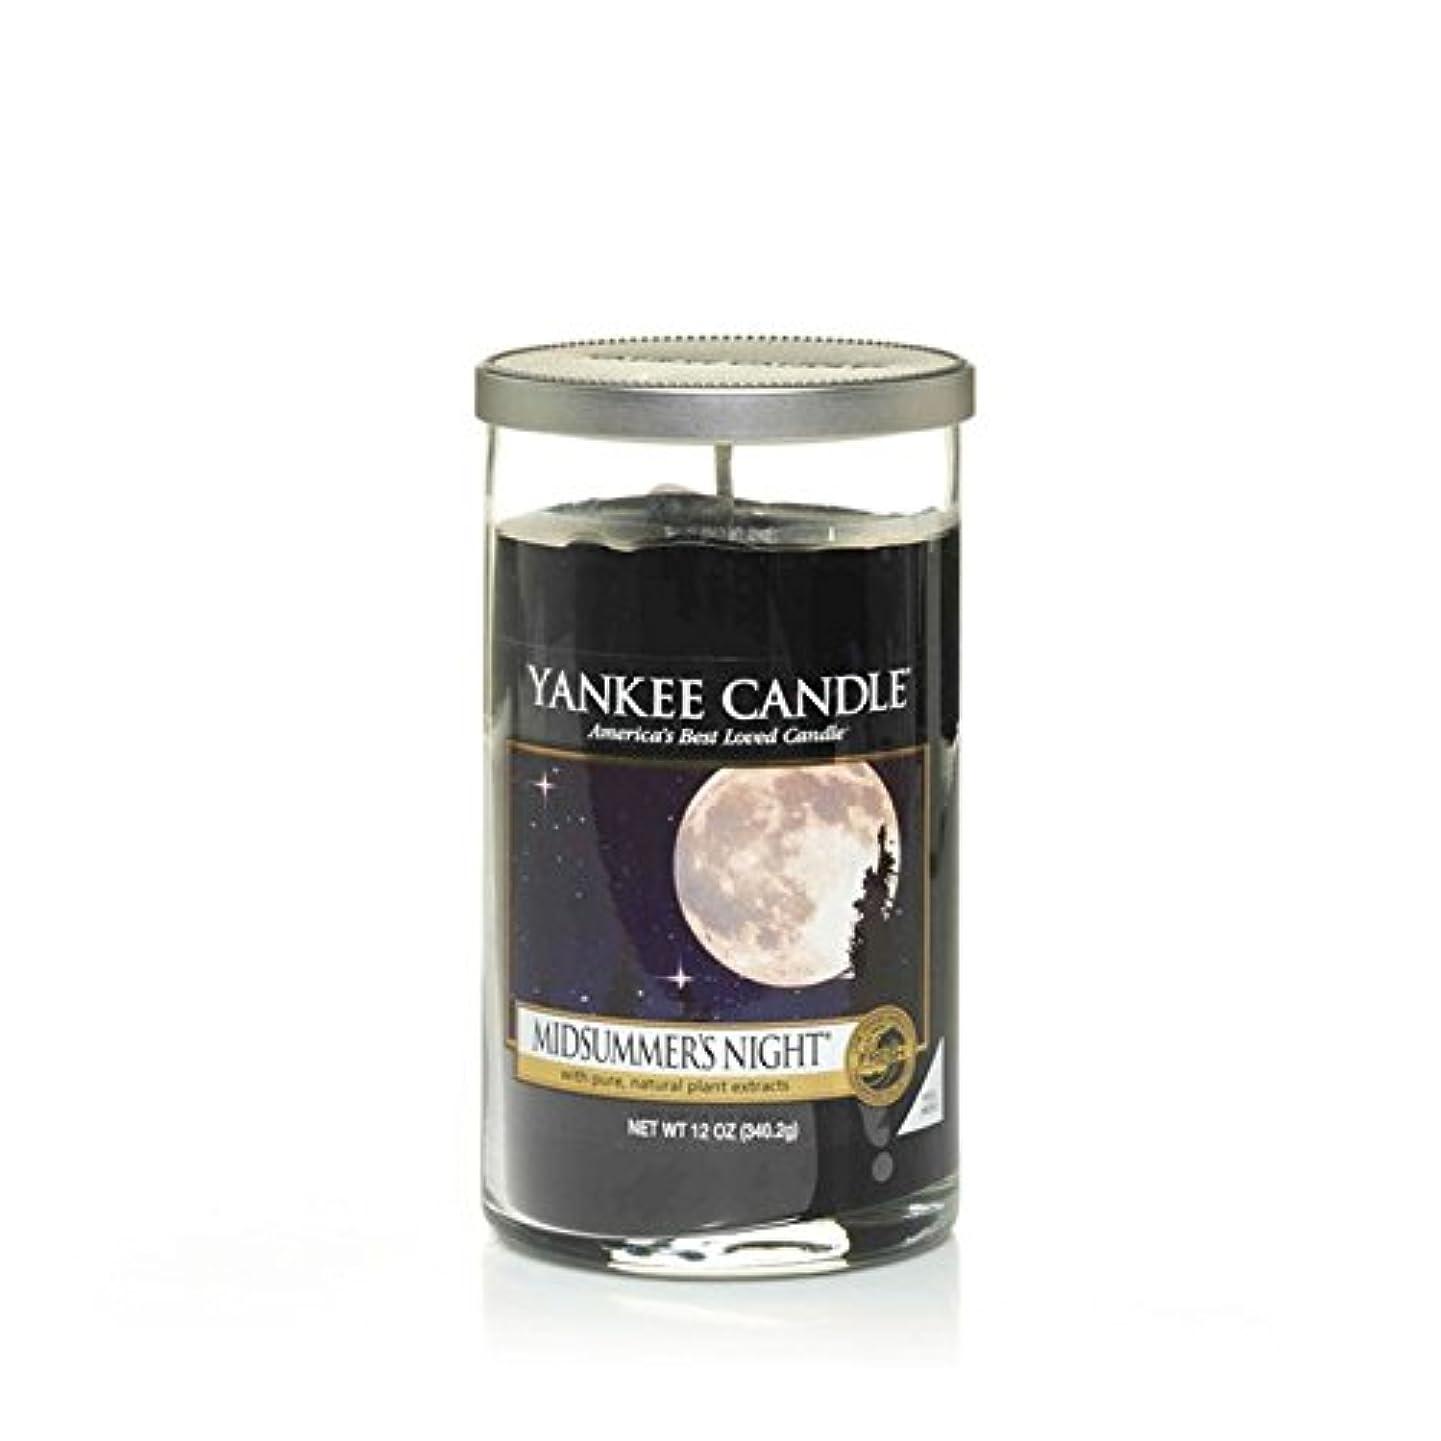 トロリーバス吸収する活発Yankee Candles Medium Pillar Candle - Midsummers Night (Pack of 2) - ヤンキーキャンドルメディアピラーキャンドル - Midsummersの夜 (x2)...